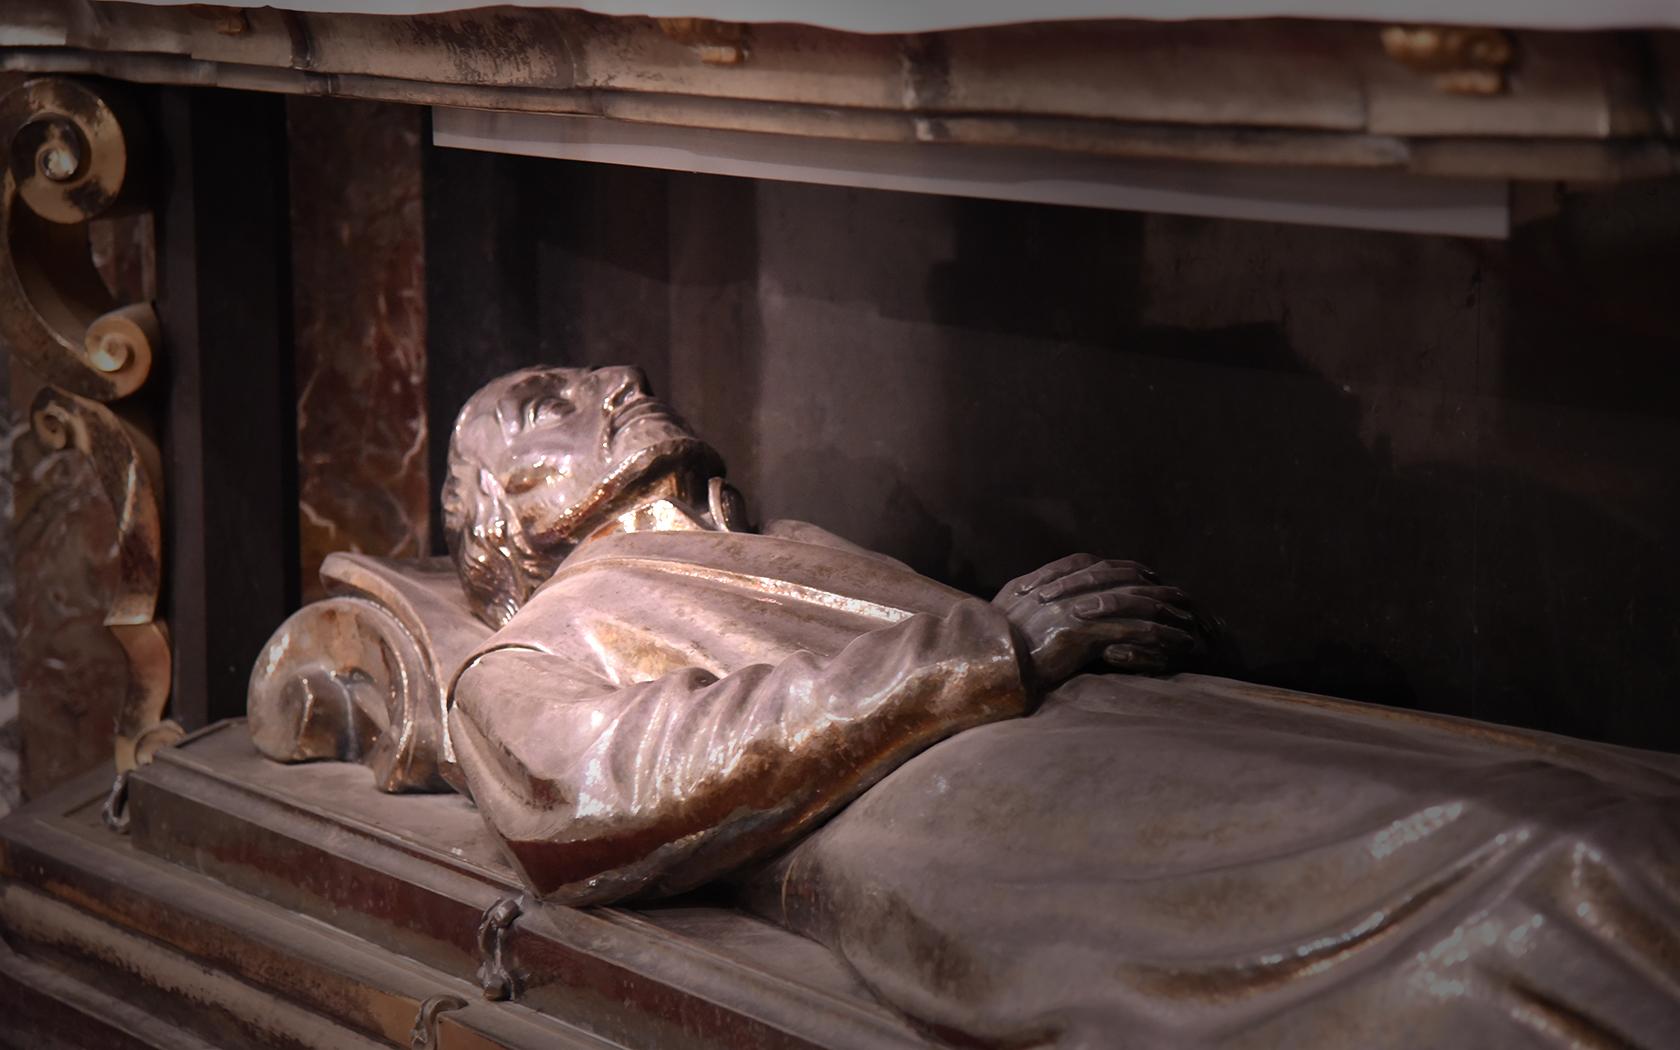 Reliques de saint Pierre Canisius, église Saint-Michel, Fribourg (Photo: Pierre Pistoletti)